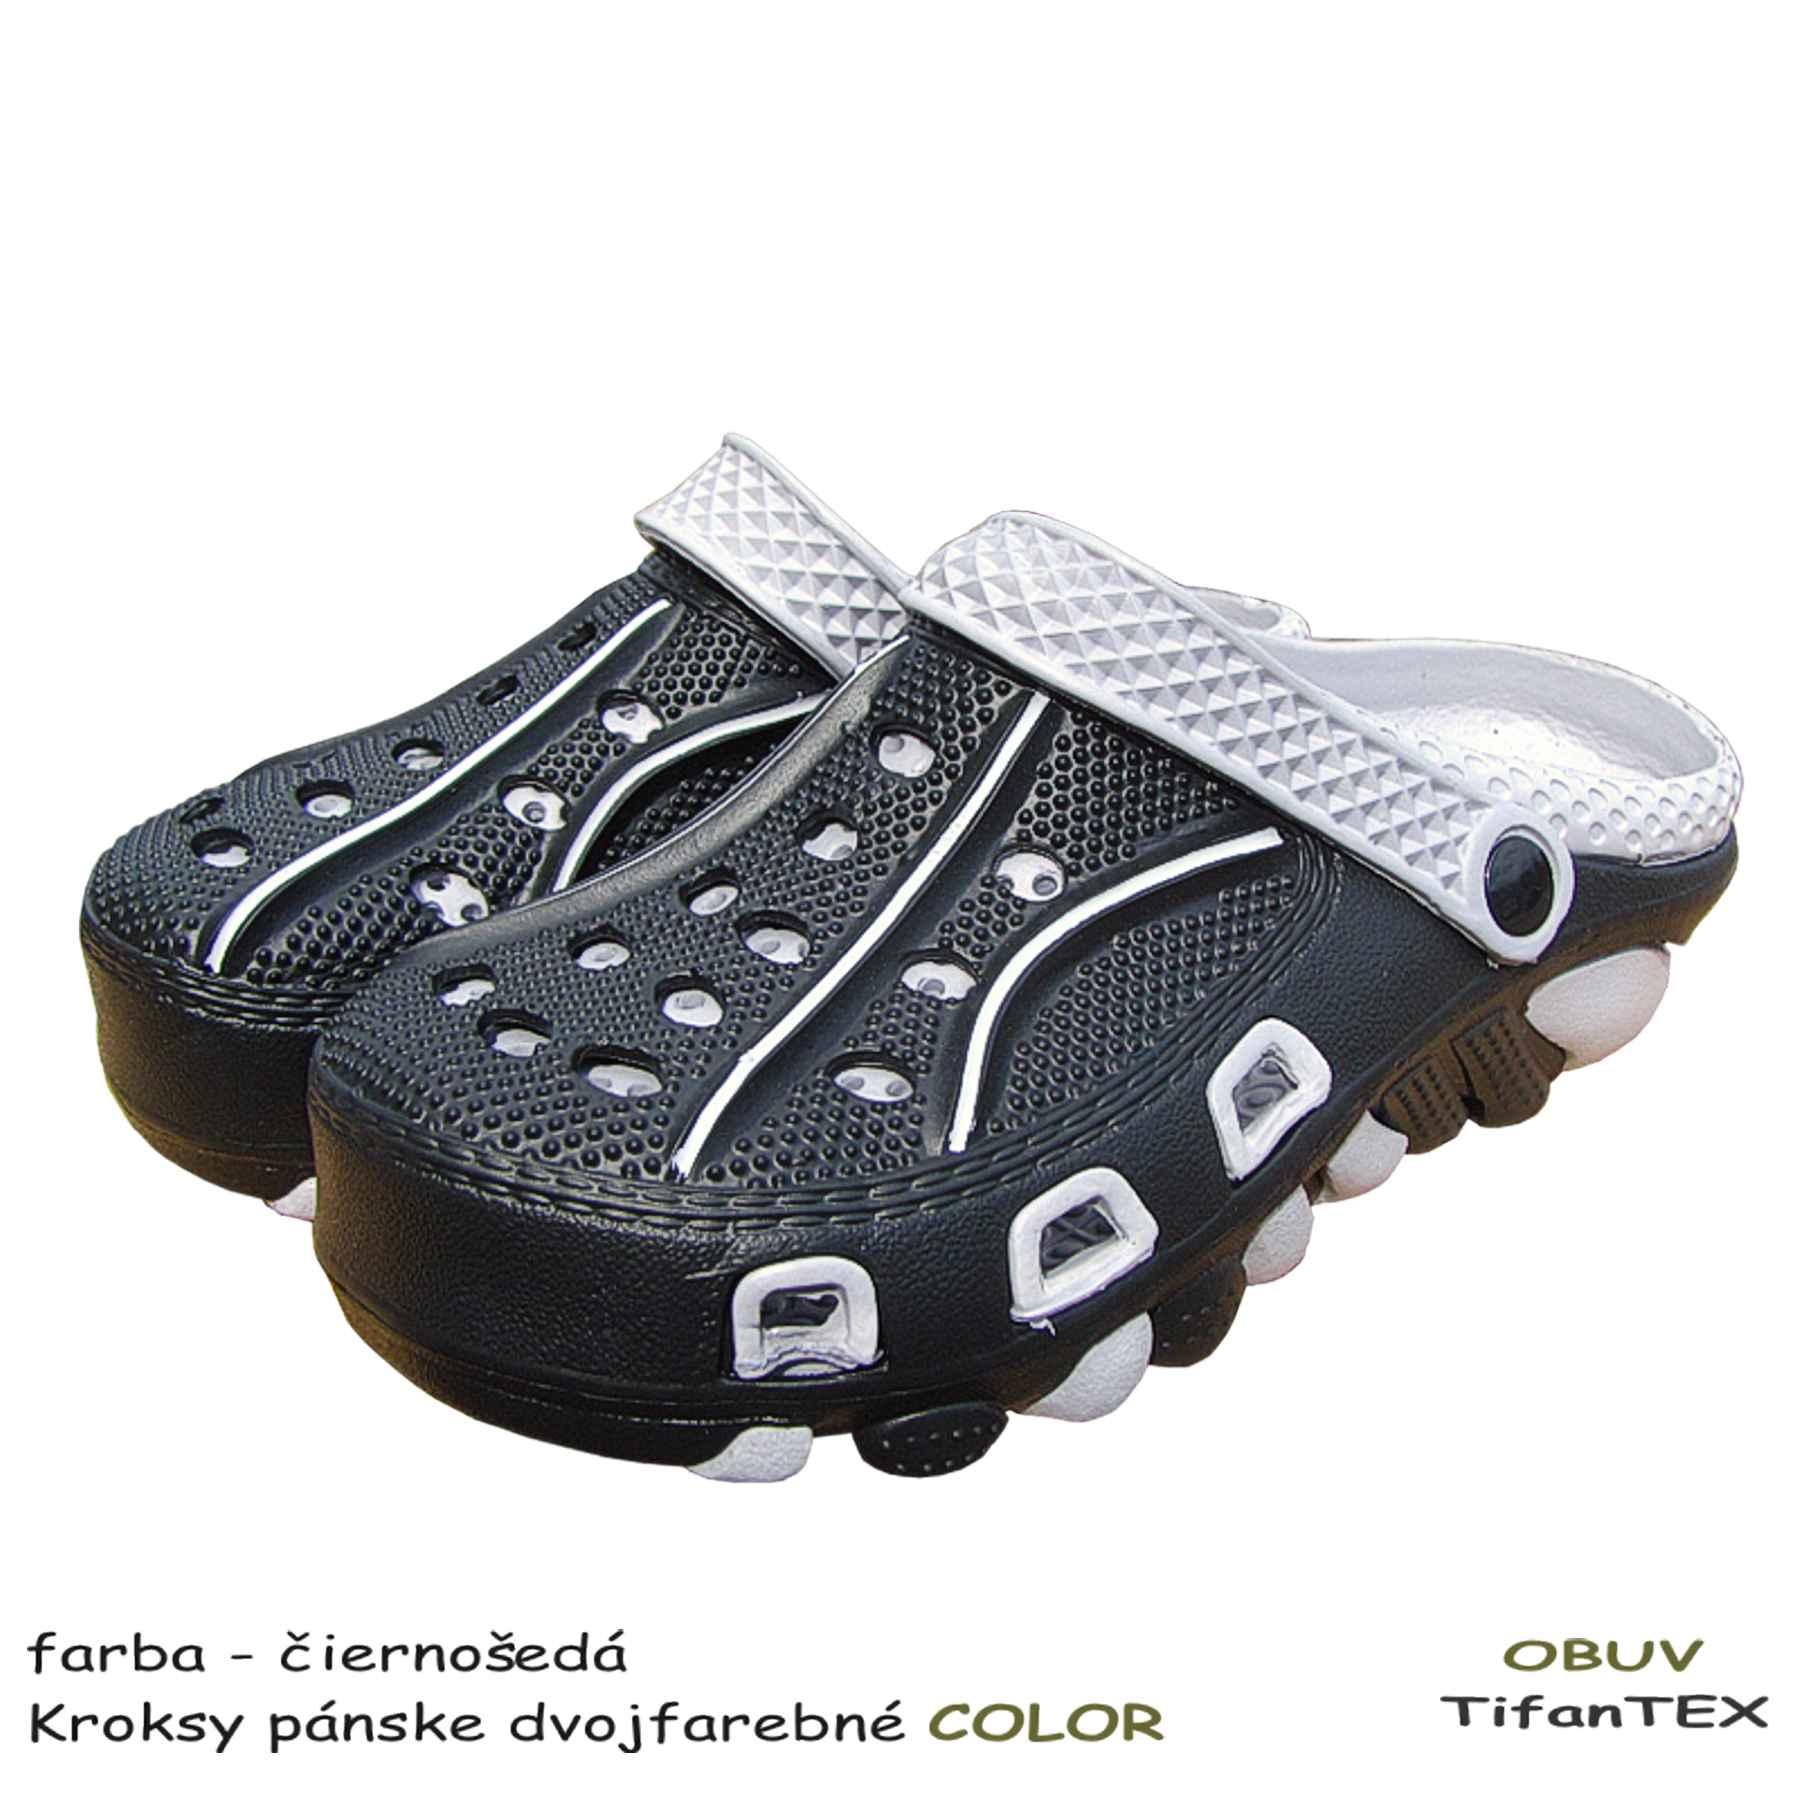 a9fffb139335 Šľapky Kroksy pánske dvojfarebné COLOR čierne - Tifantex obuv